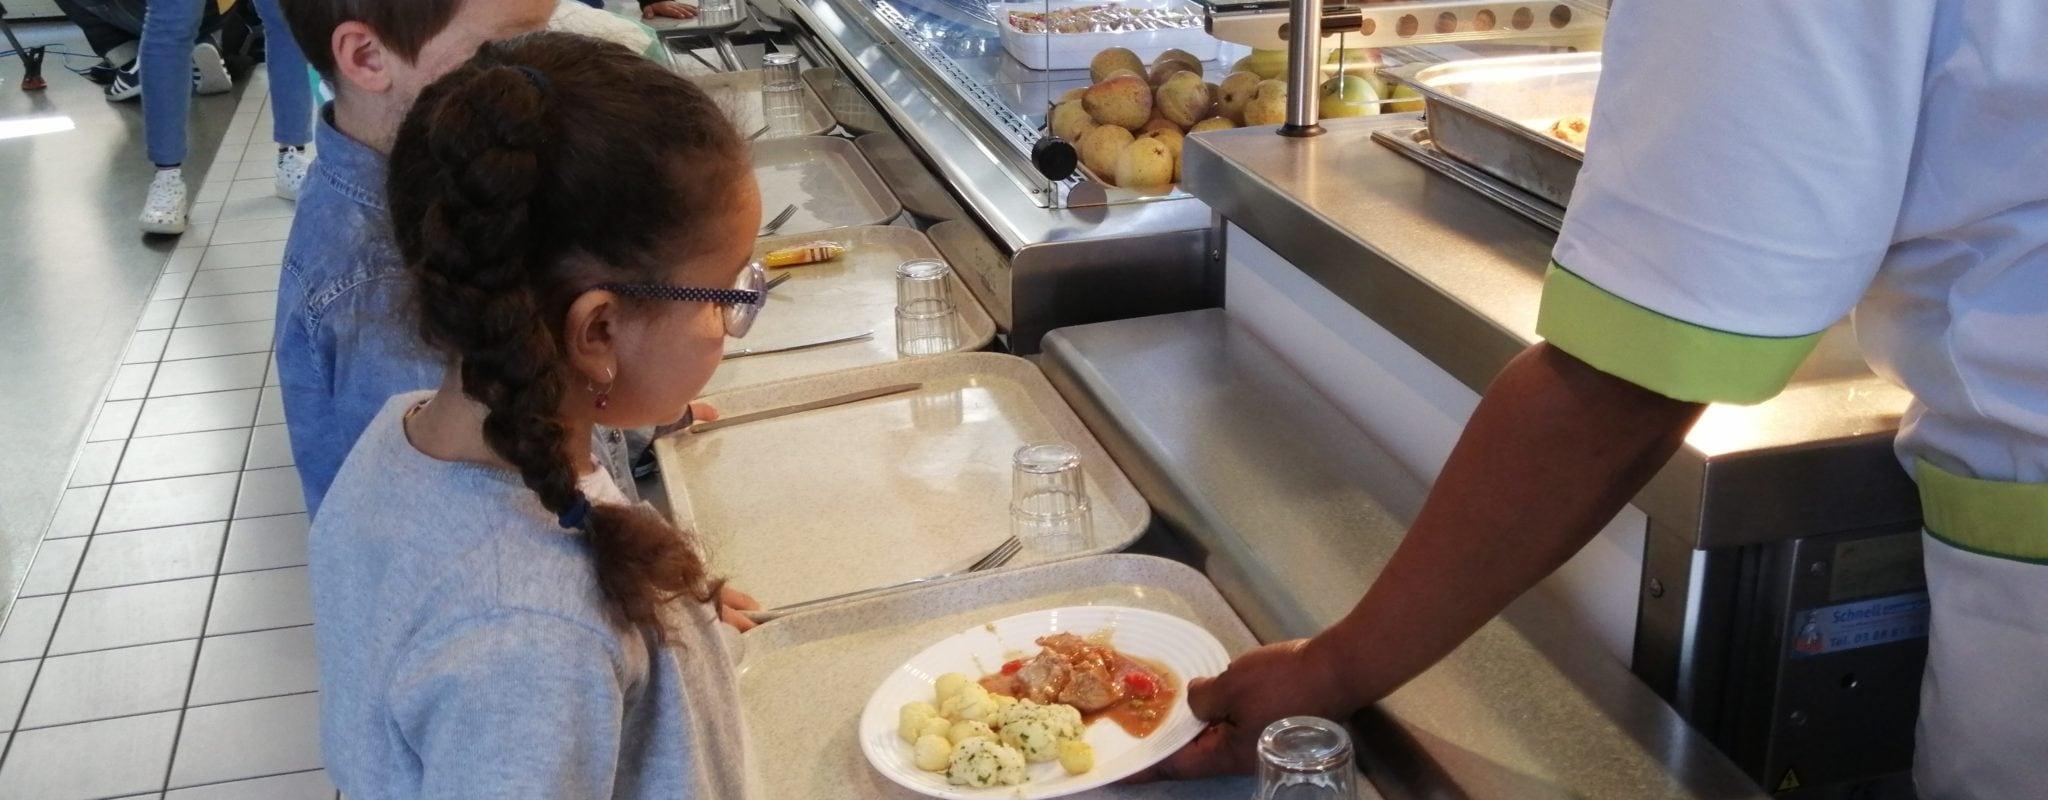 Dans les cantines scolaires, des repas végétariens un peu moins chers